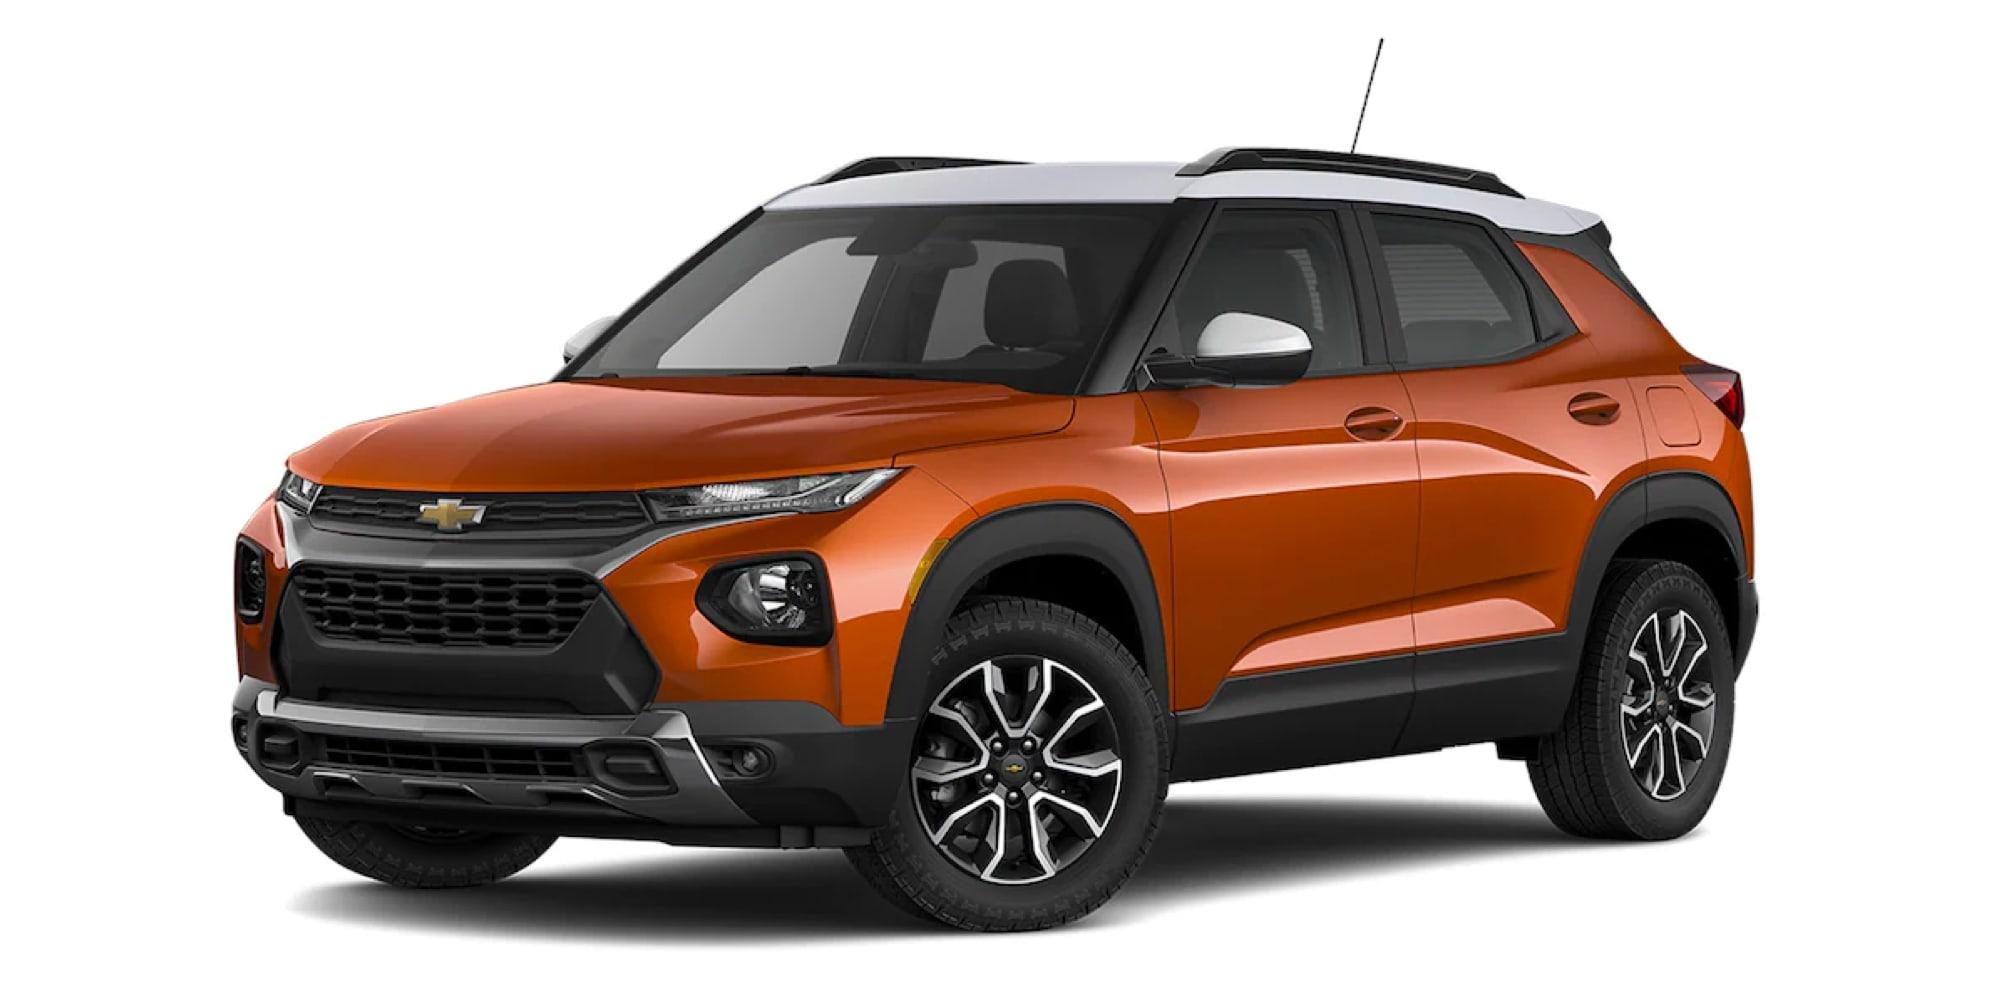 2022 Chevy Trailblazer in two-tone Vivid Orange Metallic / Summit White